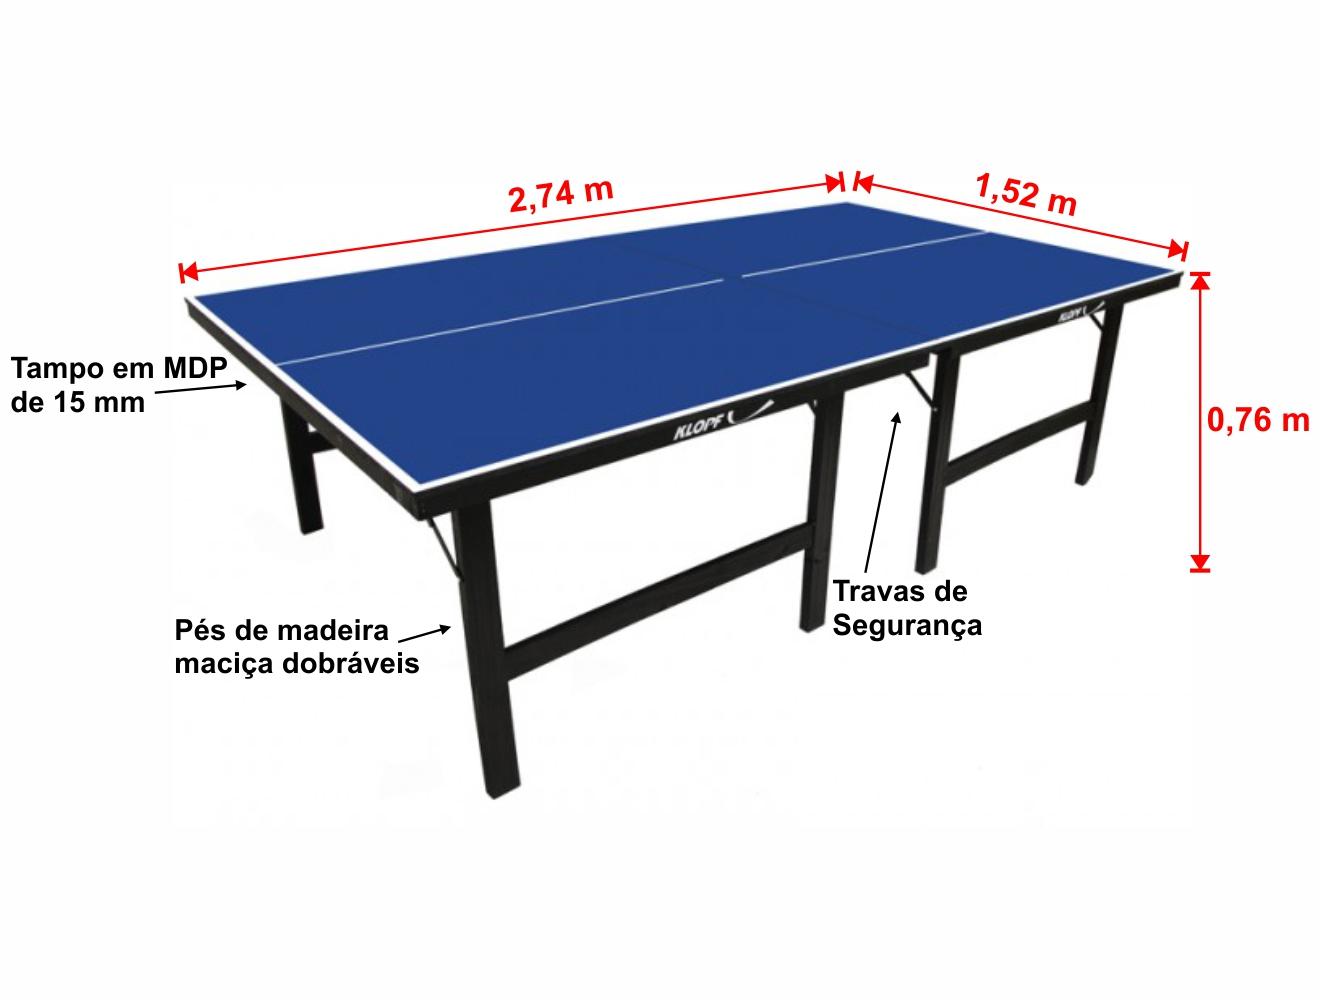 ee261e2a5 Mesa de Tênis de Mesa Ping Pong Klopf 1001 MDP 15mm - Estilo Esportivo